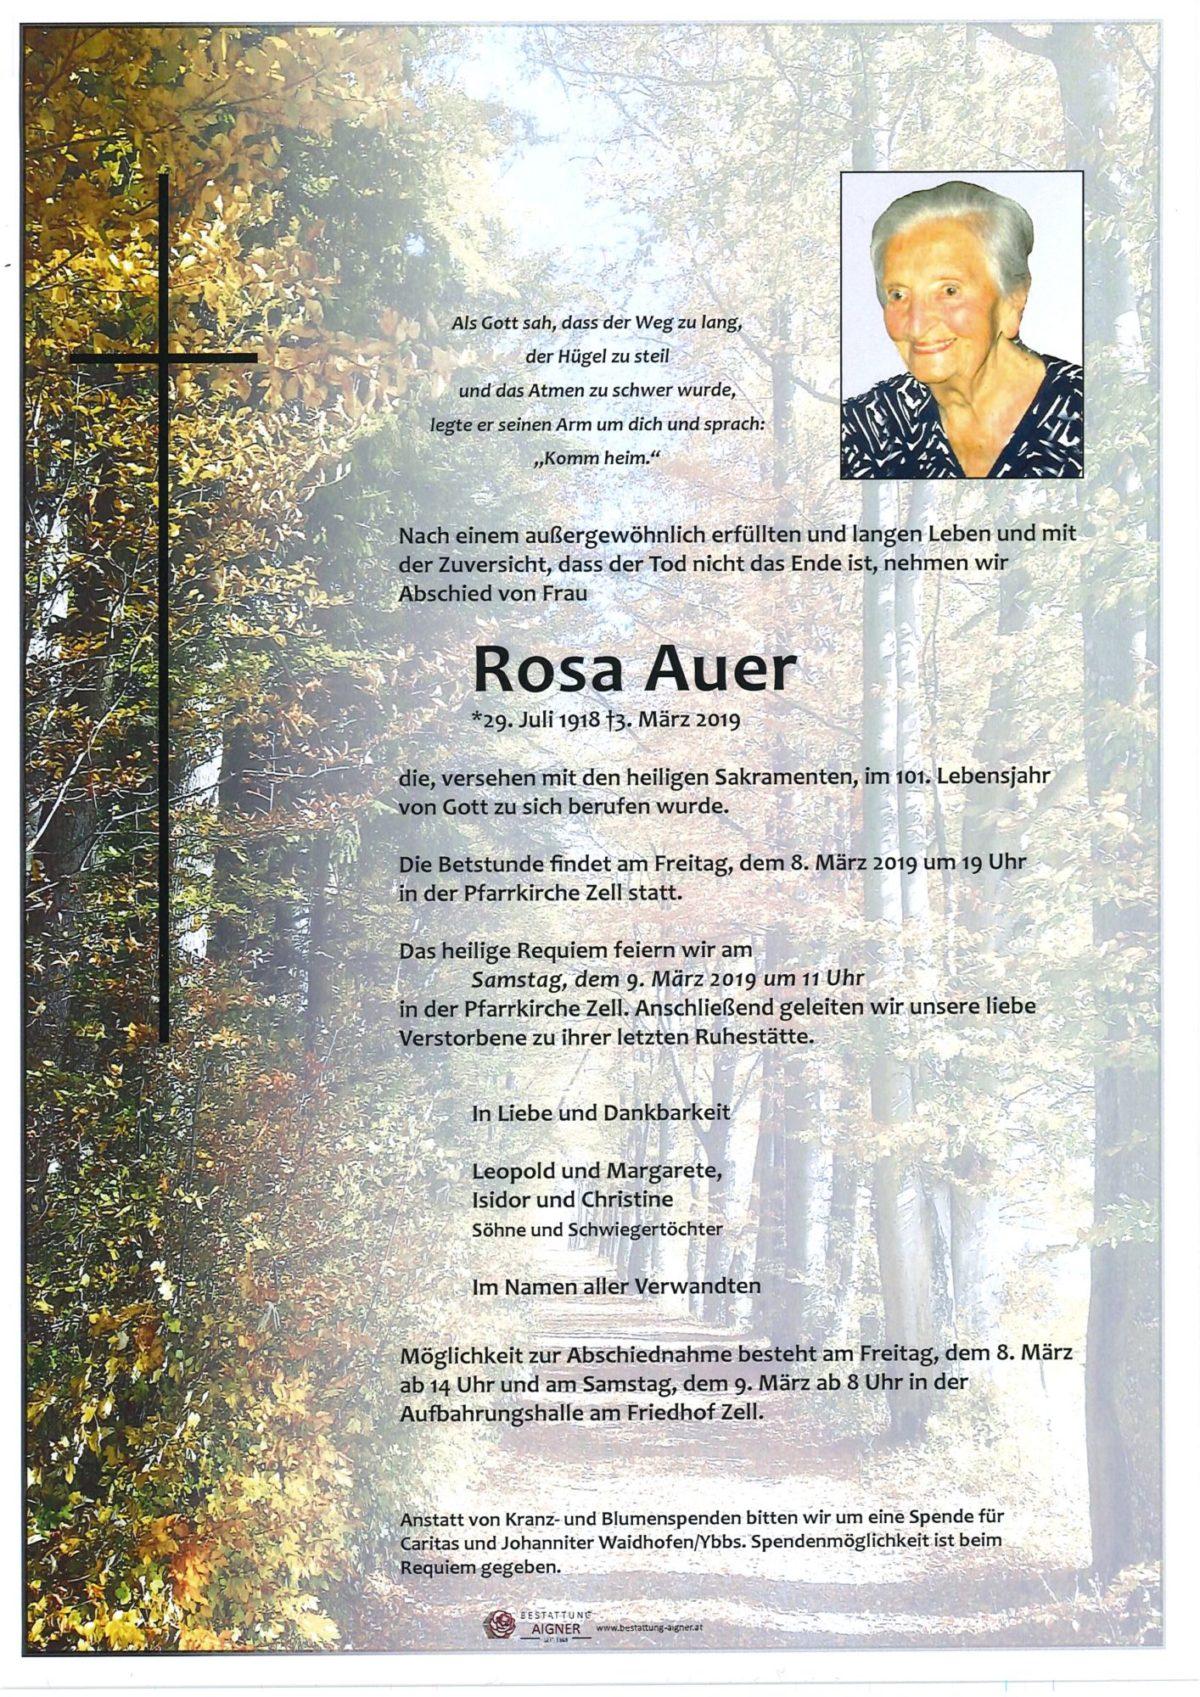 Rosa Auer